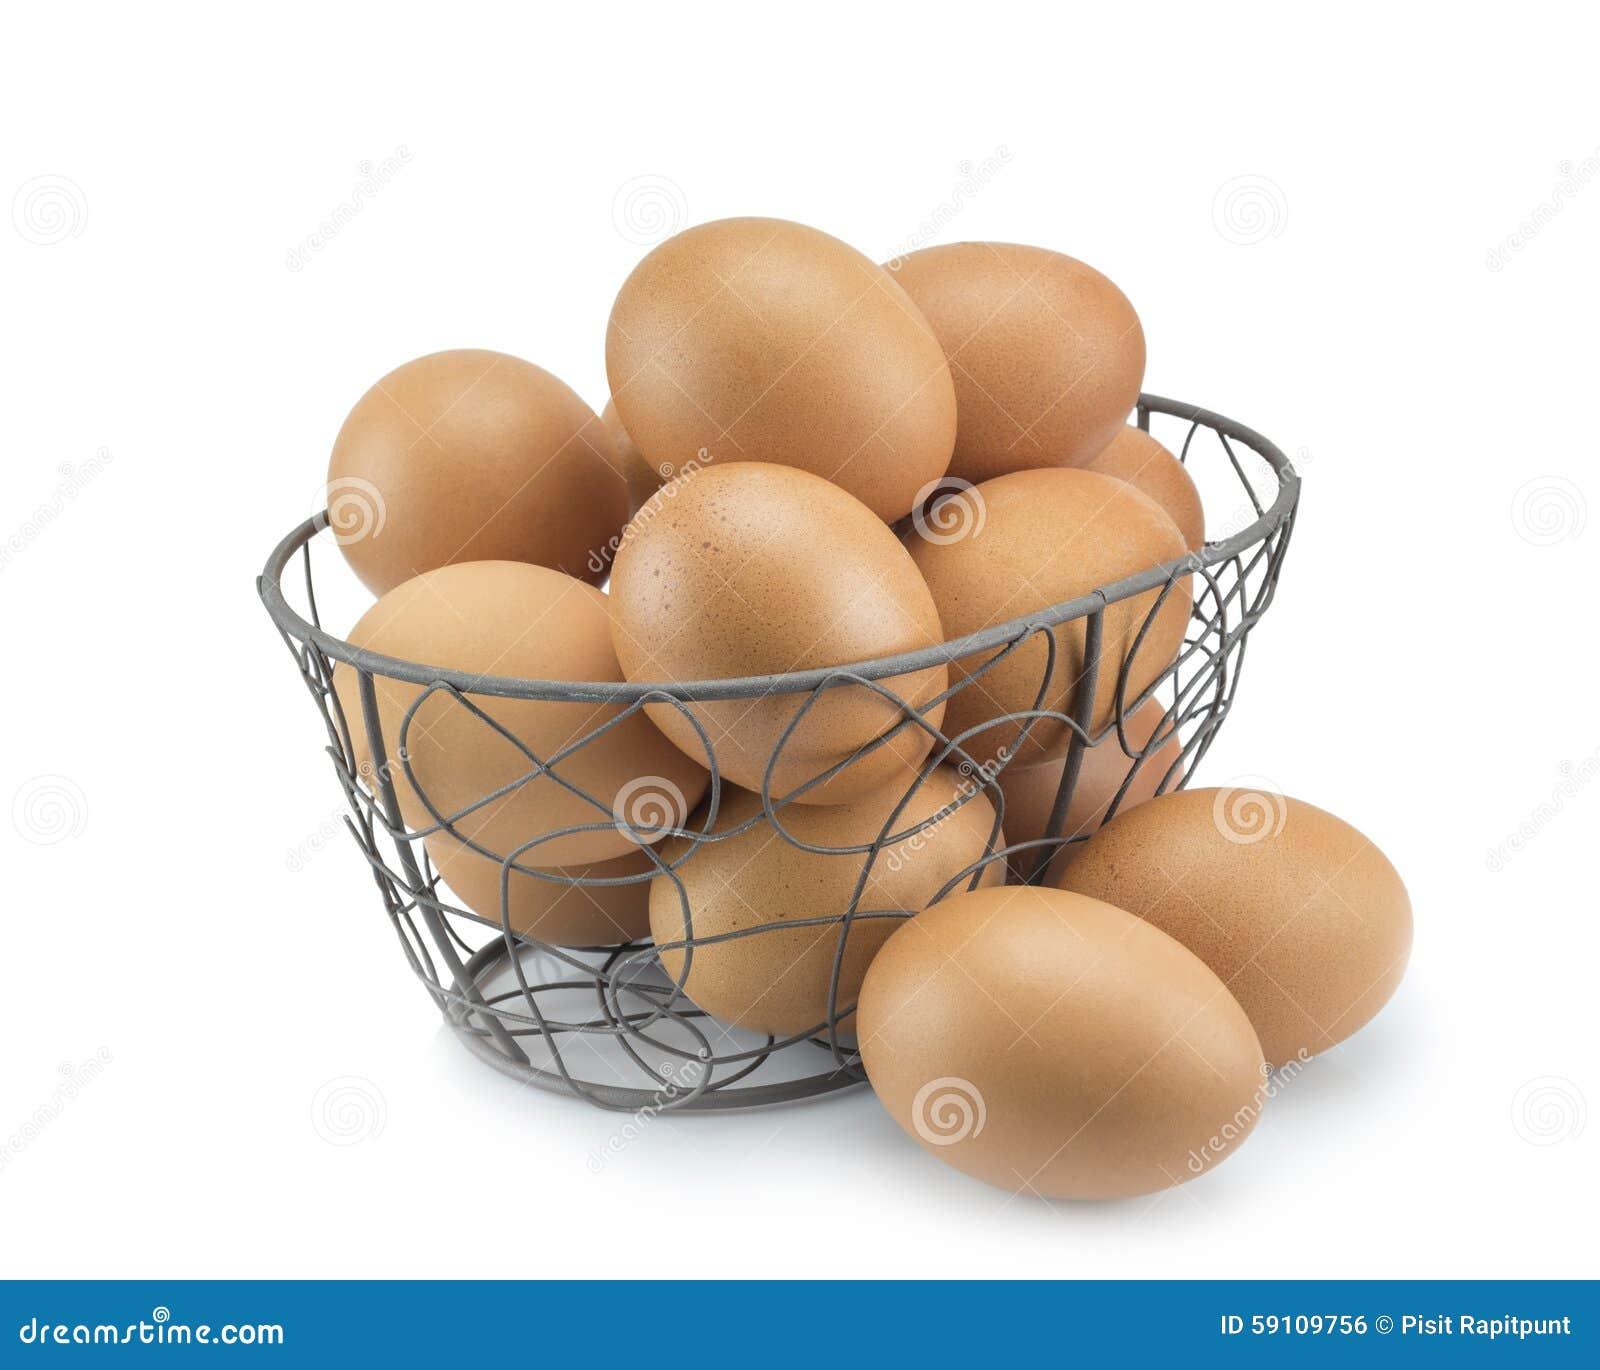 堆积新鲜的鸡蛋焦点在弯曲的钢篮子的